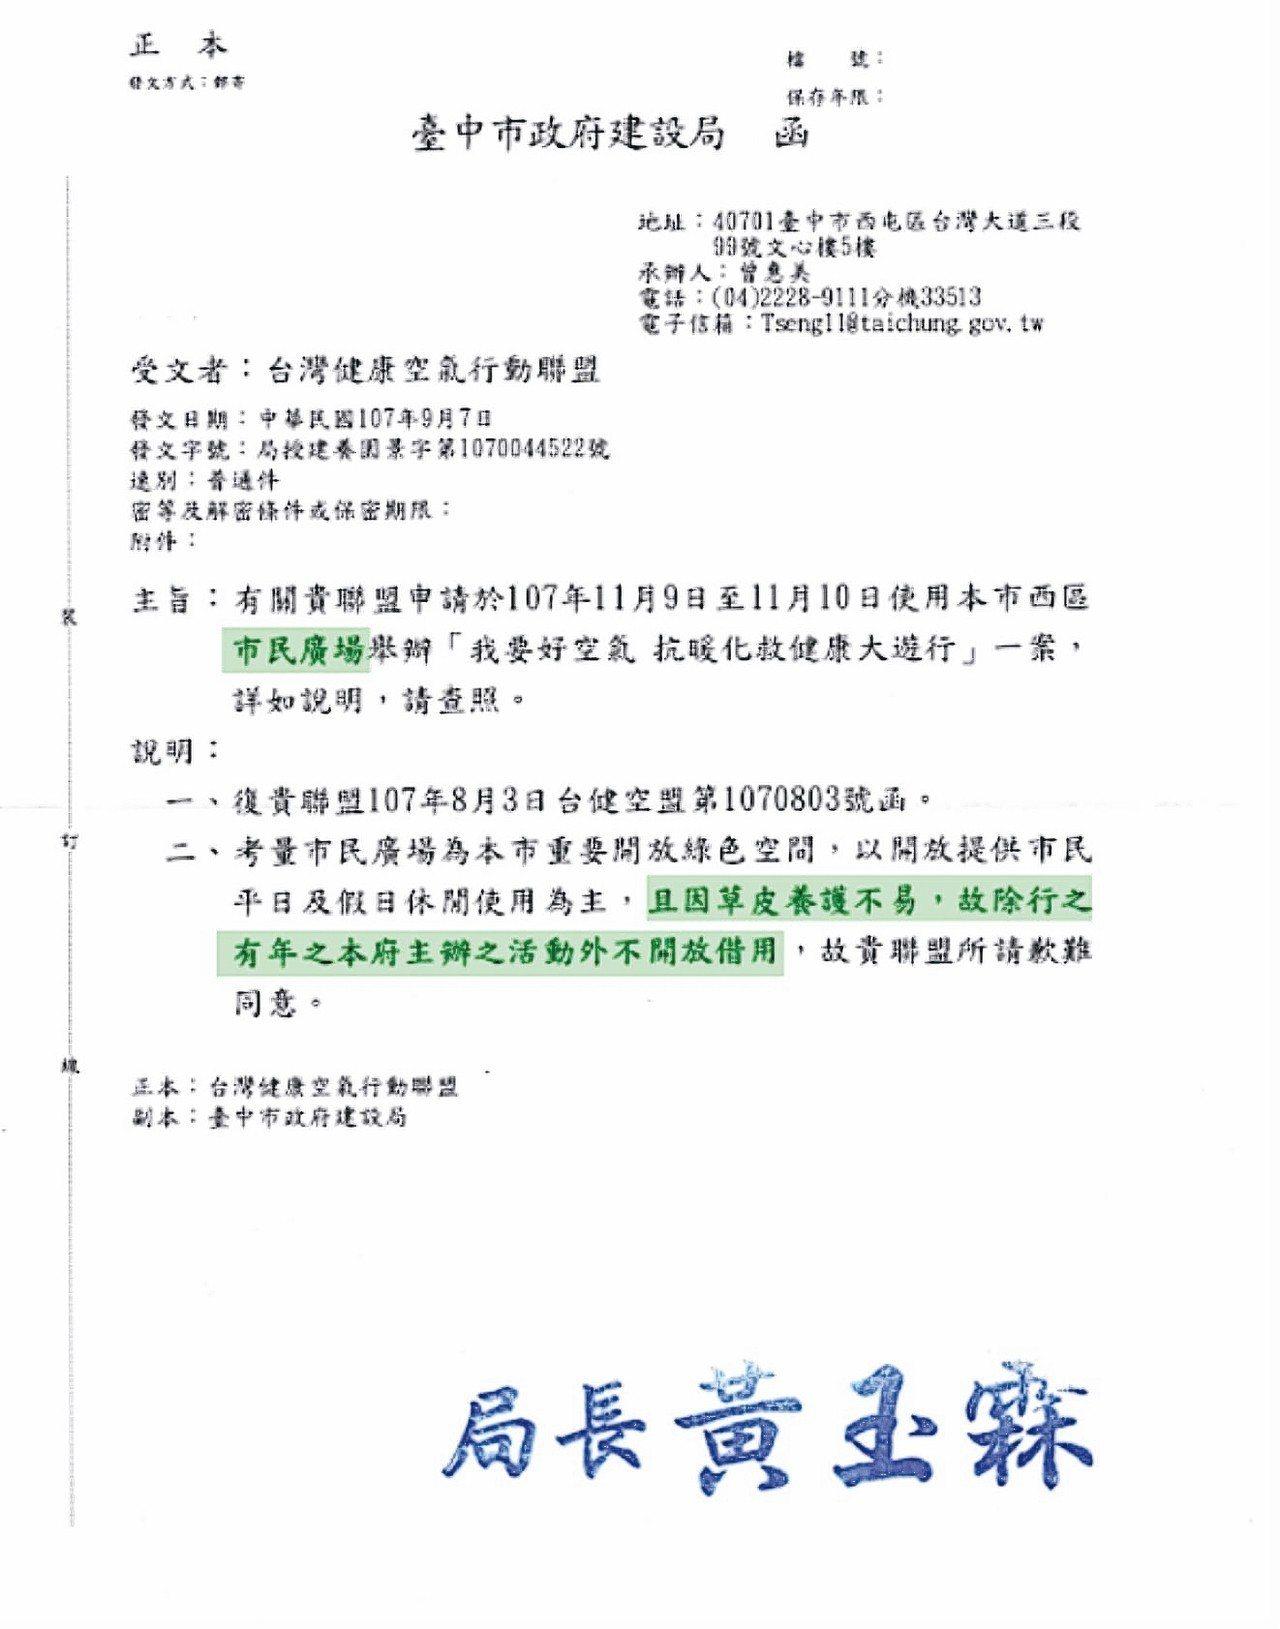 環團申請場地,廣場或馬路皆遭台中市政府拒絕。 記者連珮宇/翻攝